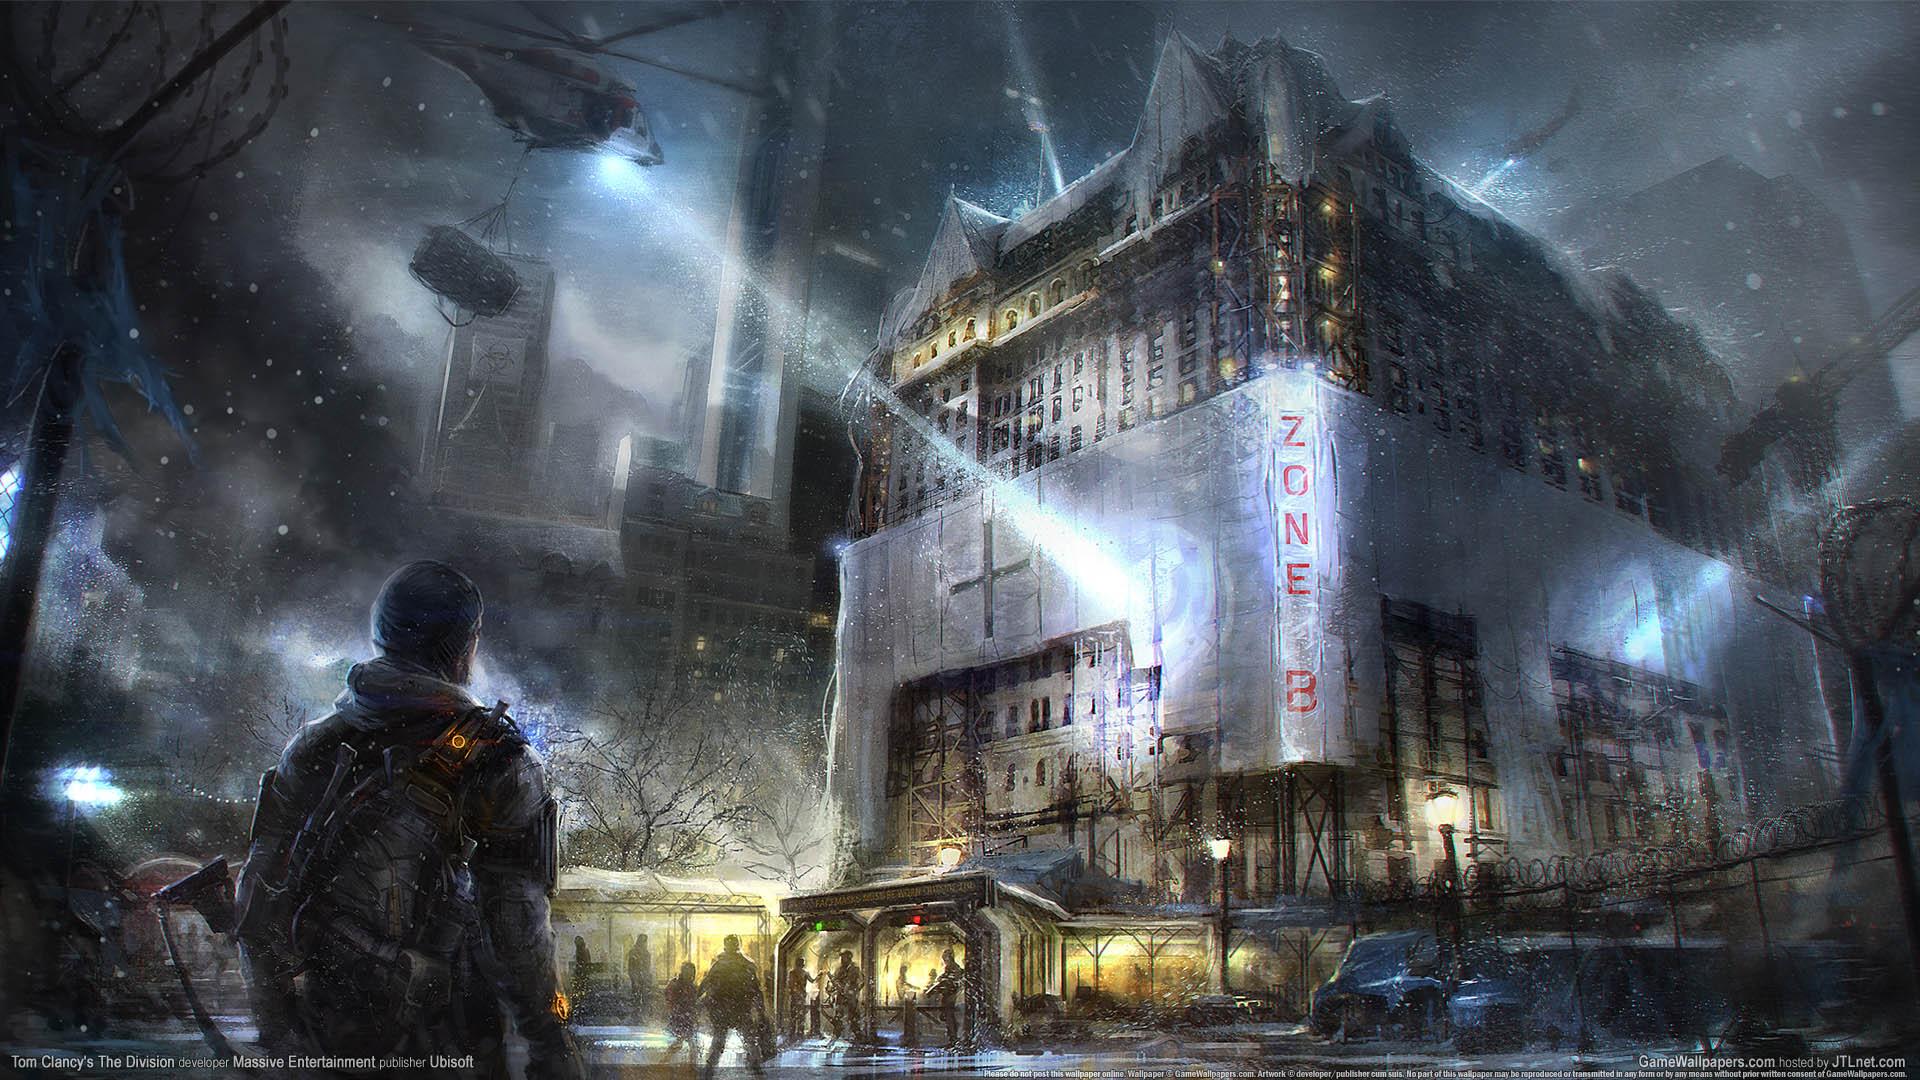 The Division Build: Lasst Eure Feinde bluten! Der geheime Prädator in 1.8